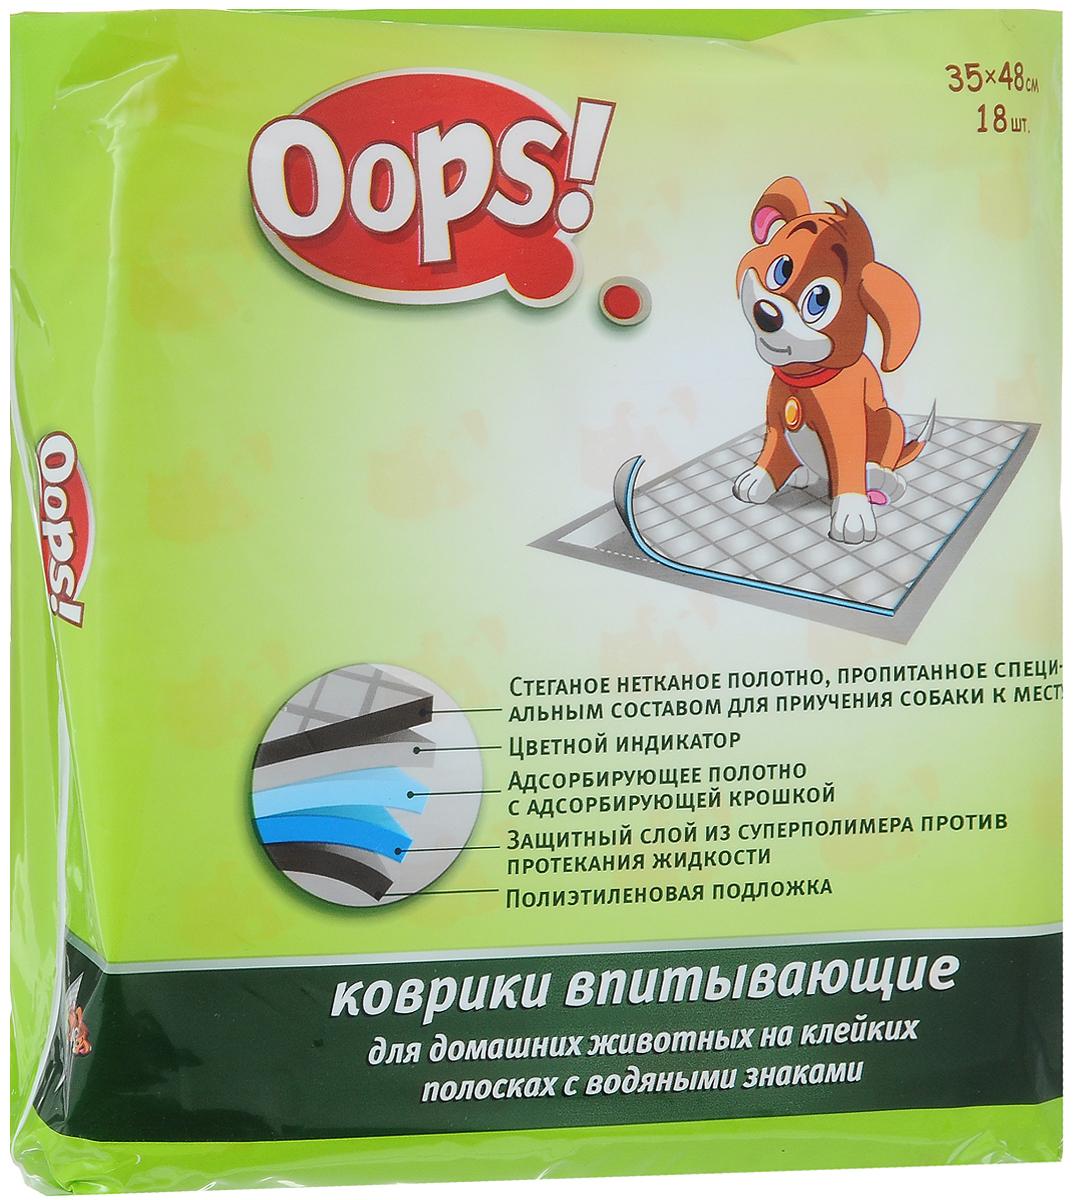 Коврики для домашних животных OOPS!, впитывающие, на клейких полосках, 35 х 48 см, 18 шт3654Впитывающие коврики OOPS! с адсорбирующим суперполимером для щенков и взрослых собак всех пород и размеров. При производстве ковриков используется Sumitomo - японский материал с лучшей в мире впитывающей способностью. Коврики OOPS! имеют клейкие полоски, с помощью которых коврик можно закрепить на любой поверхности. Вам просто нужно убрать бумажные полоски с пластикового покрытия и приклеить коврик туда, куда вам удобно. Специальная обработка ковриков OOPS! приучает собаку к месту, облегчает тренировку.Коврики OOPS! поглощают влагу и неприятные запахи, надежно удерживая внутри коврика, не выпуская наружу. Предохраняют поли мебель от царапин и шерсти. Незаменимы в период лактации, в первый месяц жизни щенков, при специфических заболеваниях, в поездках, выставках и на приеме у ветеринарного доктора.Состав: целлюлоза, впитывающий суперполимер, нетканое полотно, полиэтилен, цветной индикатор.